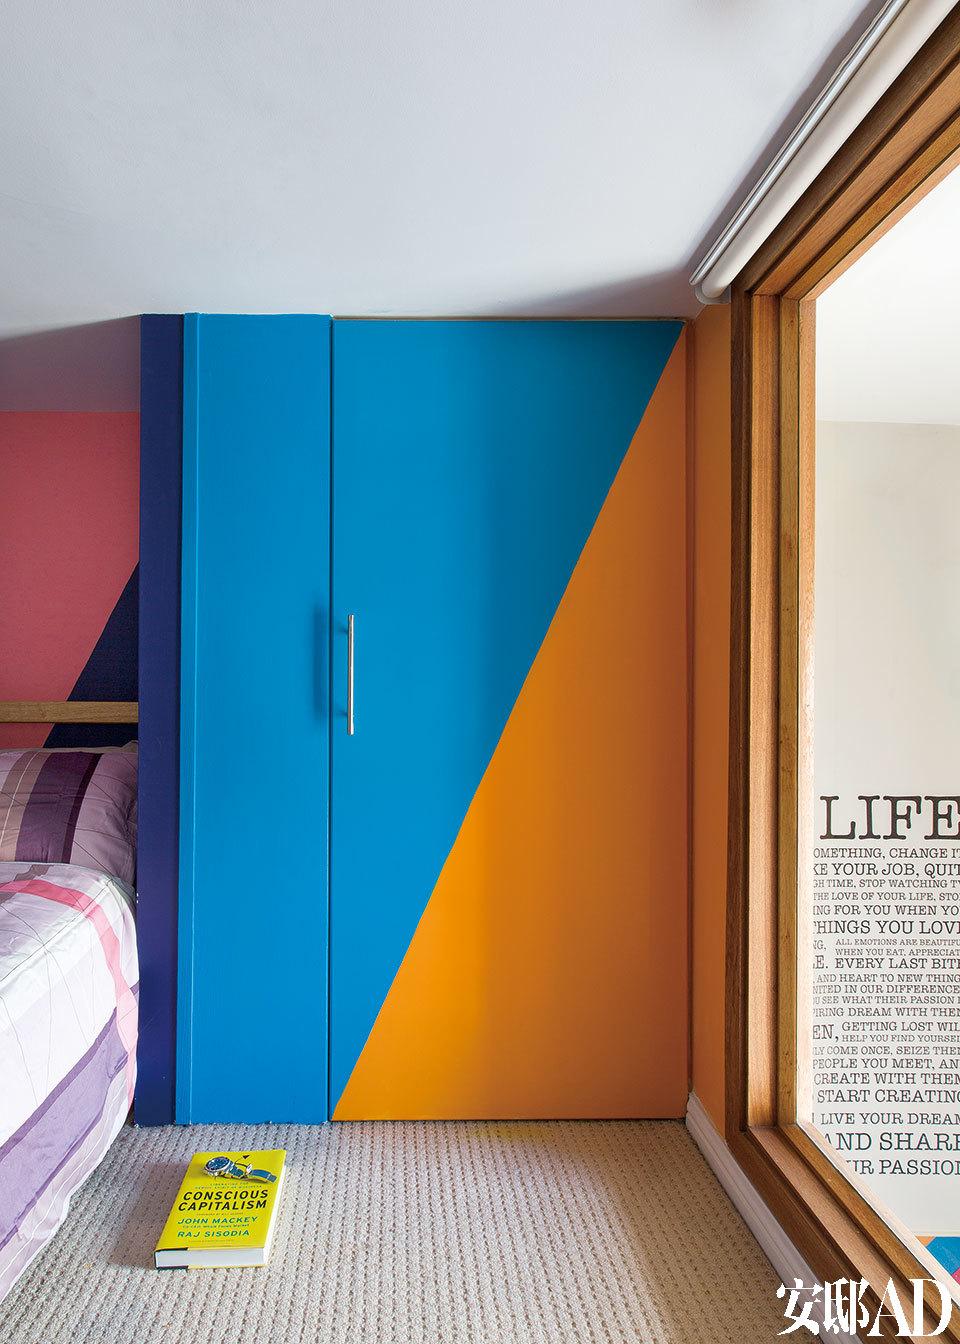 卧室橱柜门上的图案是主人与David David共同设计的,Peridis选择了斜向的条纹来避免屋子原本类似盒子一样的线条感。油漆来自多乐士。床上用品来自丹麦品牌HAY,由 Scholten& Baijings设计,丝印,100%棉缎。卧室墙壁漆成了宽条纹的粉色、 紫色、 蓝色和橙色,更选择了斜向的条纹来避免屋子原本类似盒子一样的线条感。